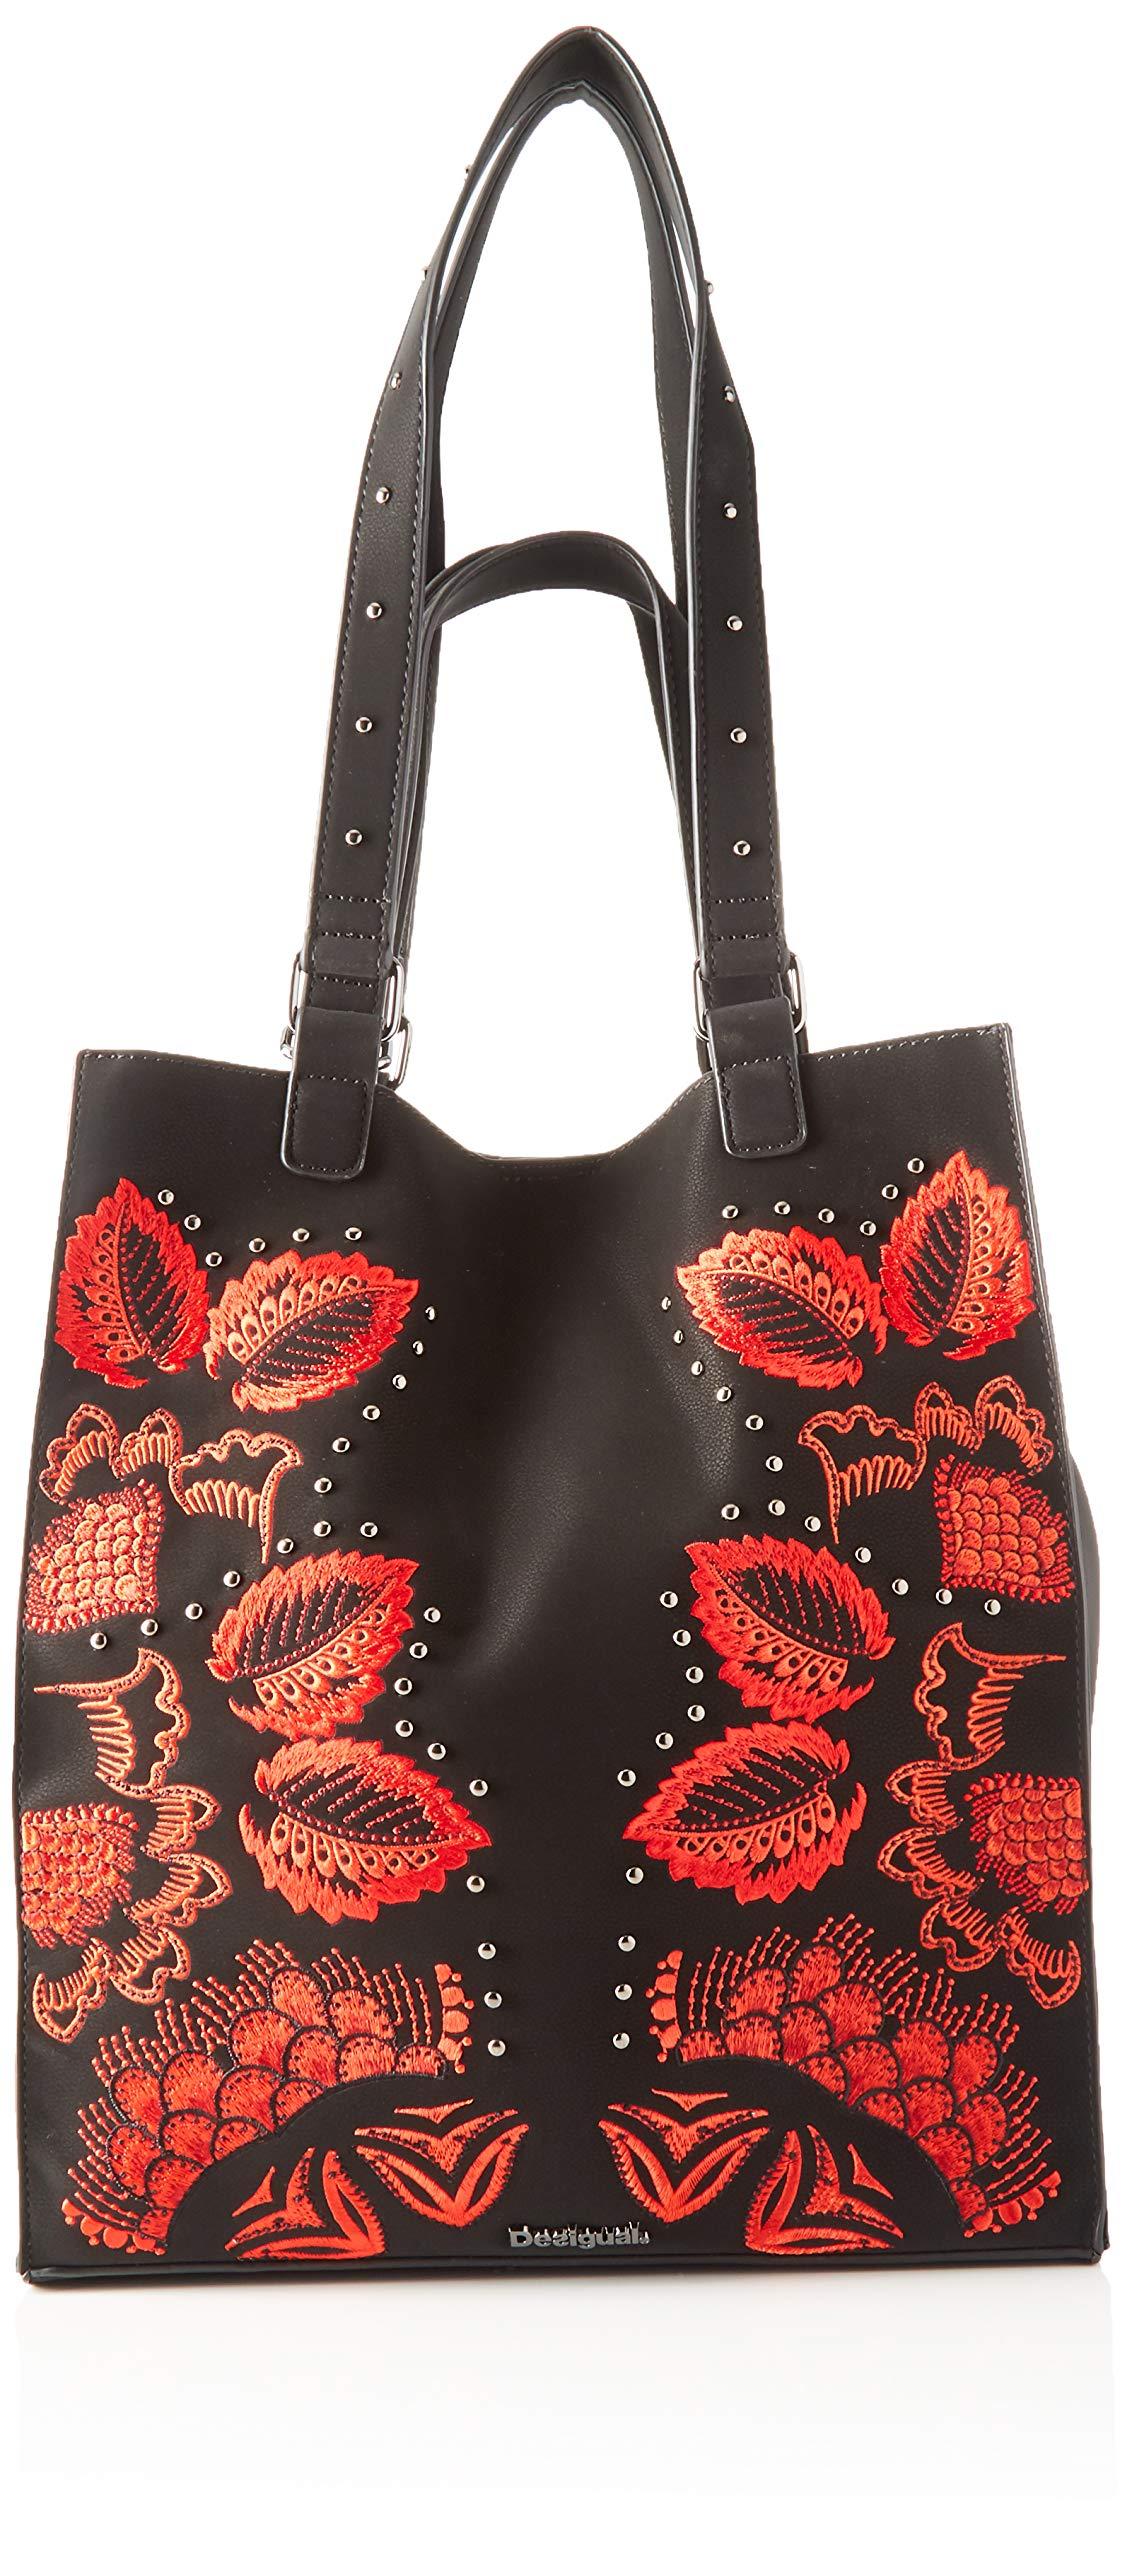 Desigual – Bag Gemini Colorado, Shoppers y bolsos de hombro Mujer, Negro, 36x16x31 cm (B x H T)